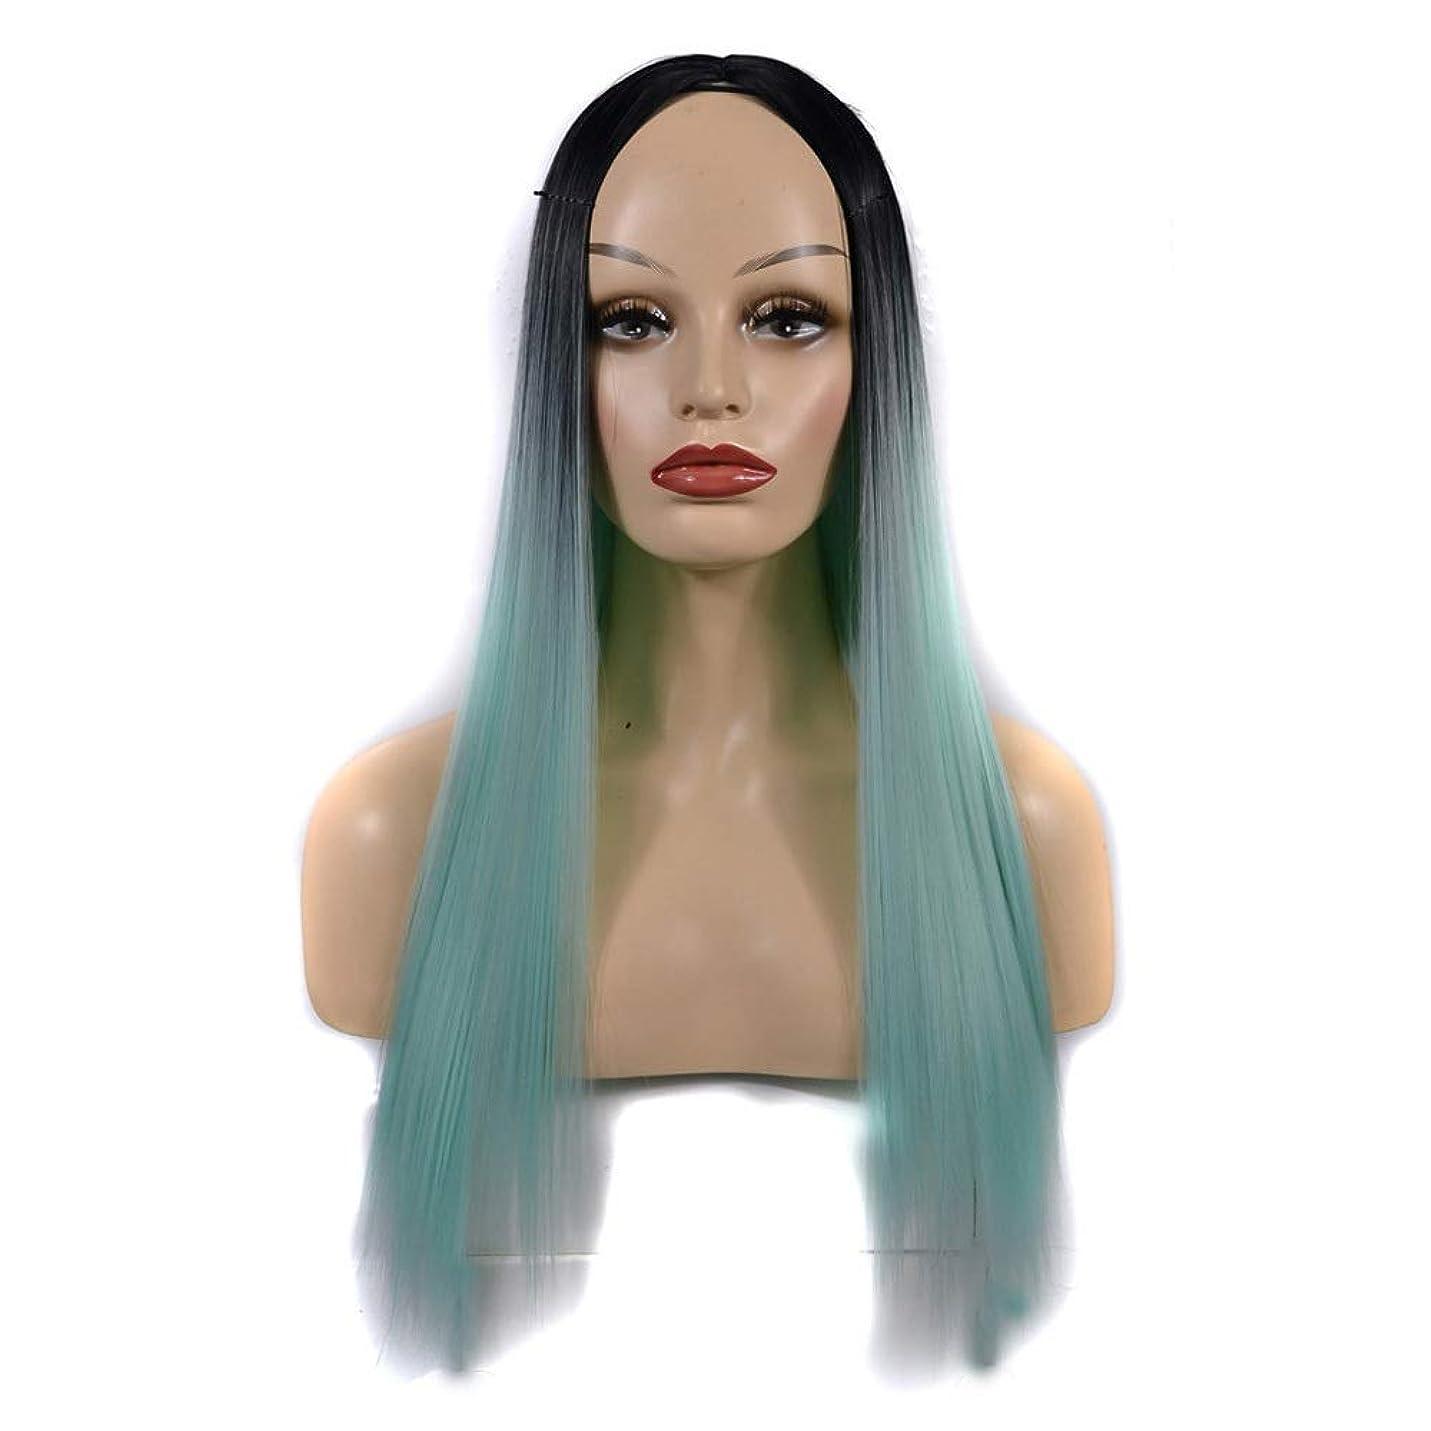 ラウズ曖昧なこんにちはHOHYLLYA 女性のための合成かつら黒髪の根緑の長いストレートの髪自然なパーティー用ウィッグ (色 : オレンジ, サイズ : 60cm)